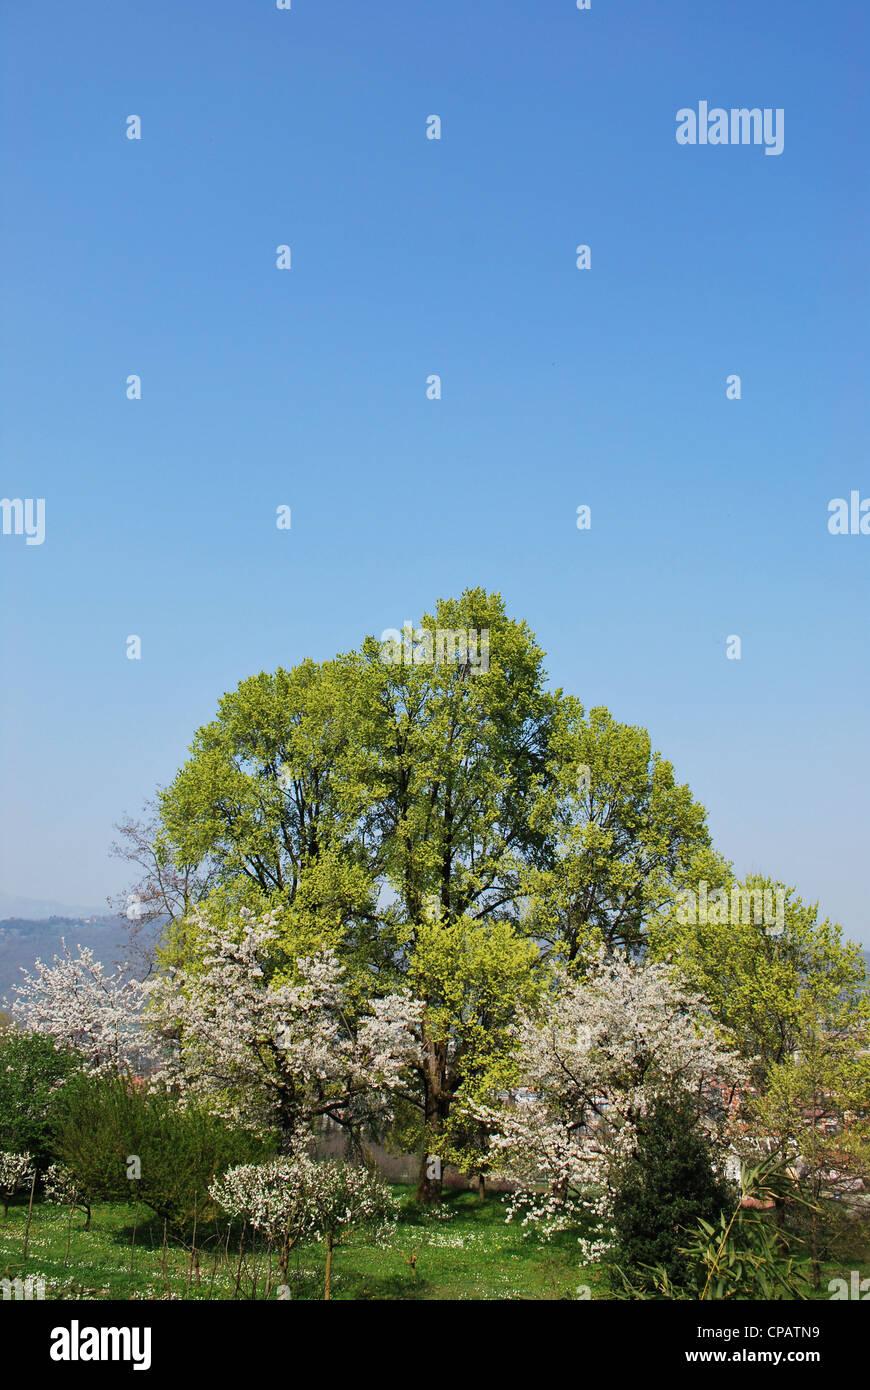 Flowering trees in spring bergamo lombardy italy stock photo flowering trees in spring bergamo lombardy italy izmirmasajfo